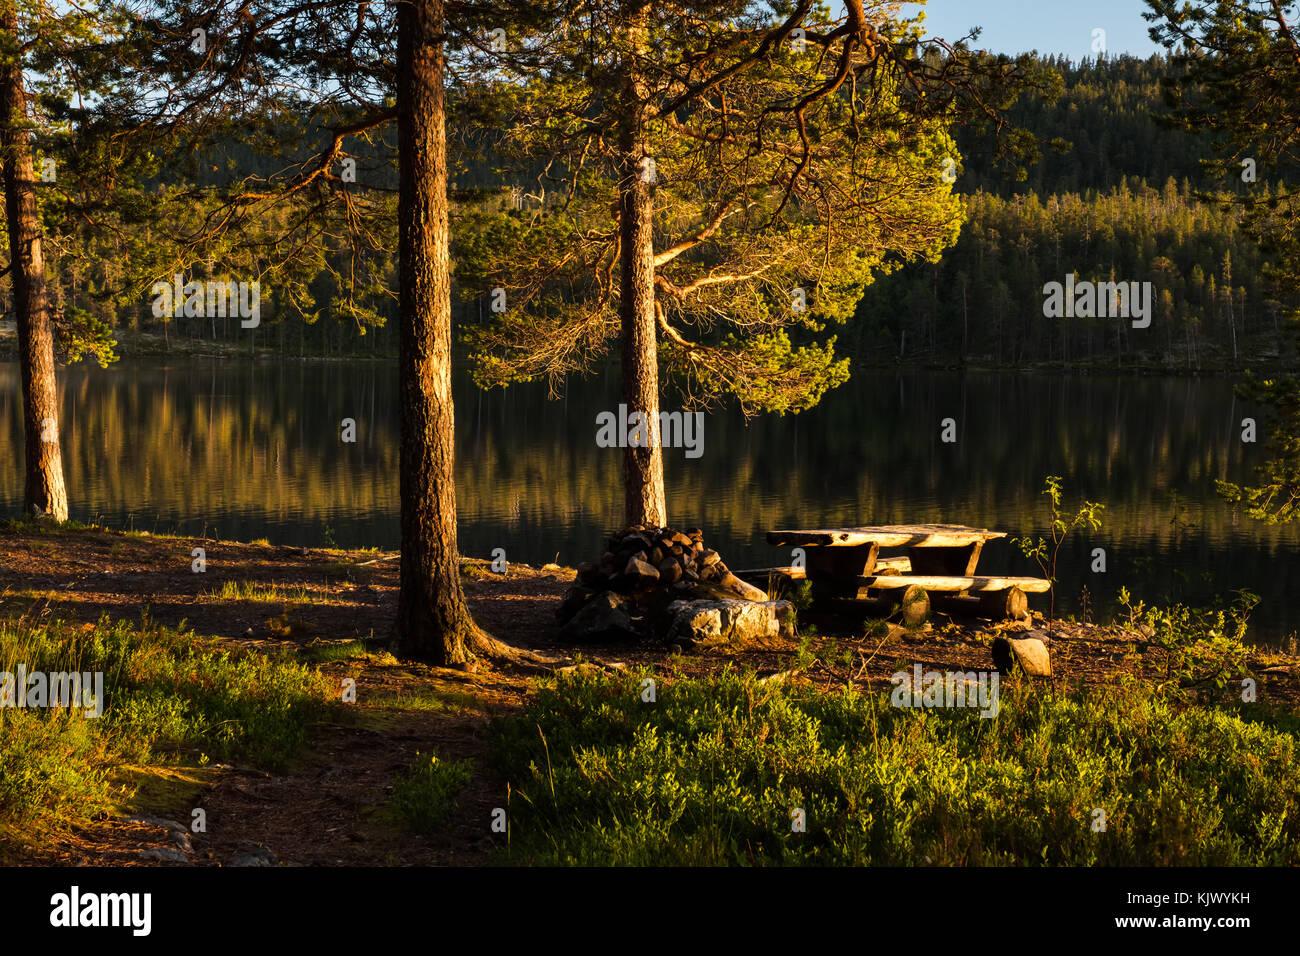 Picknicktisch am See im Abendlicht Stockbild